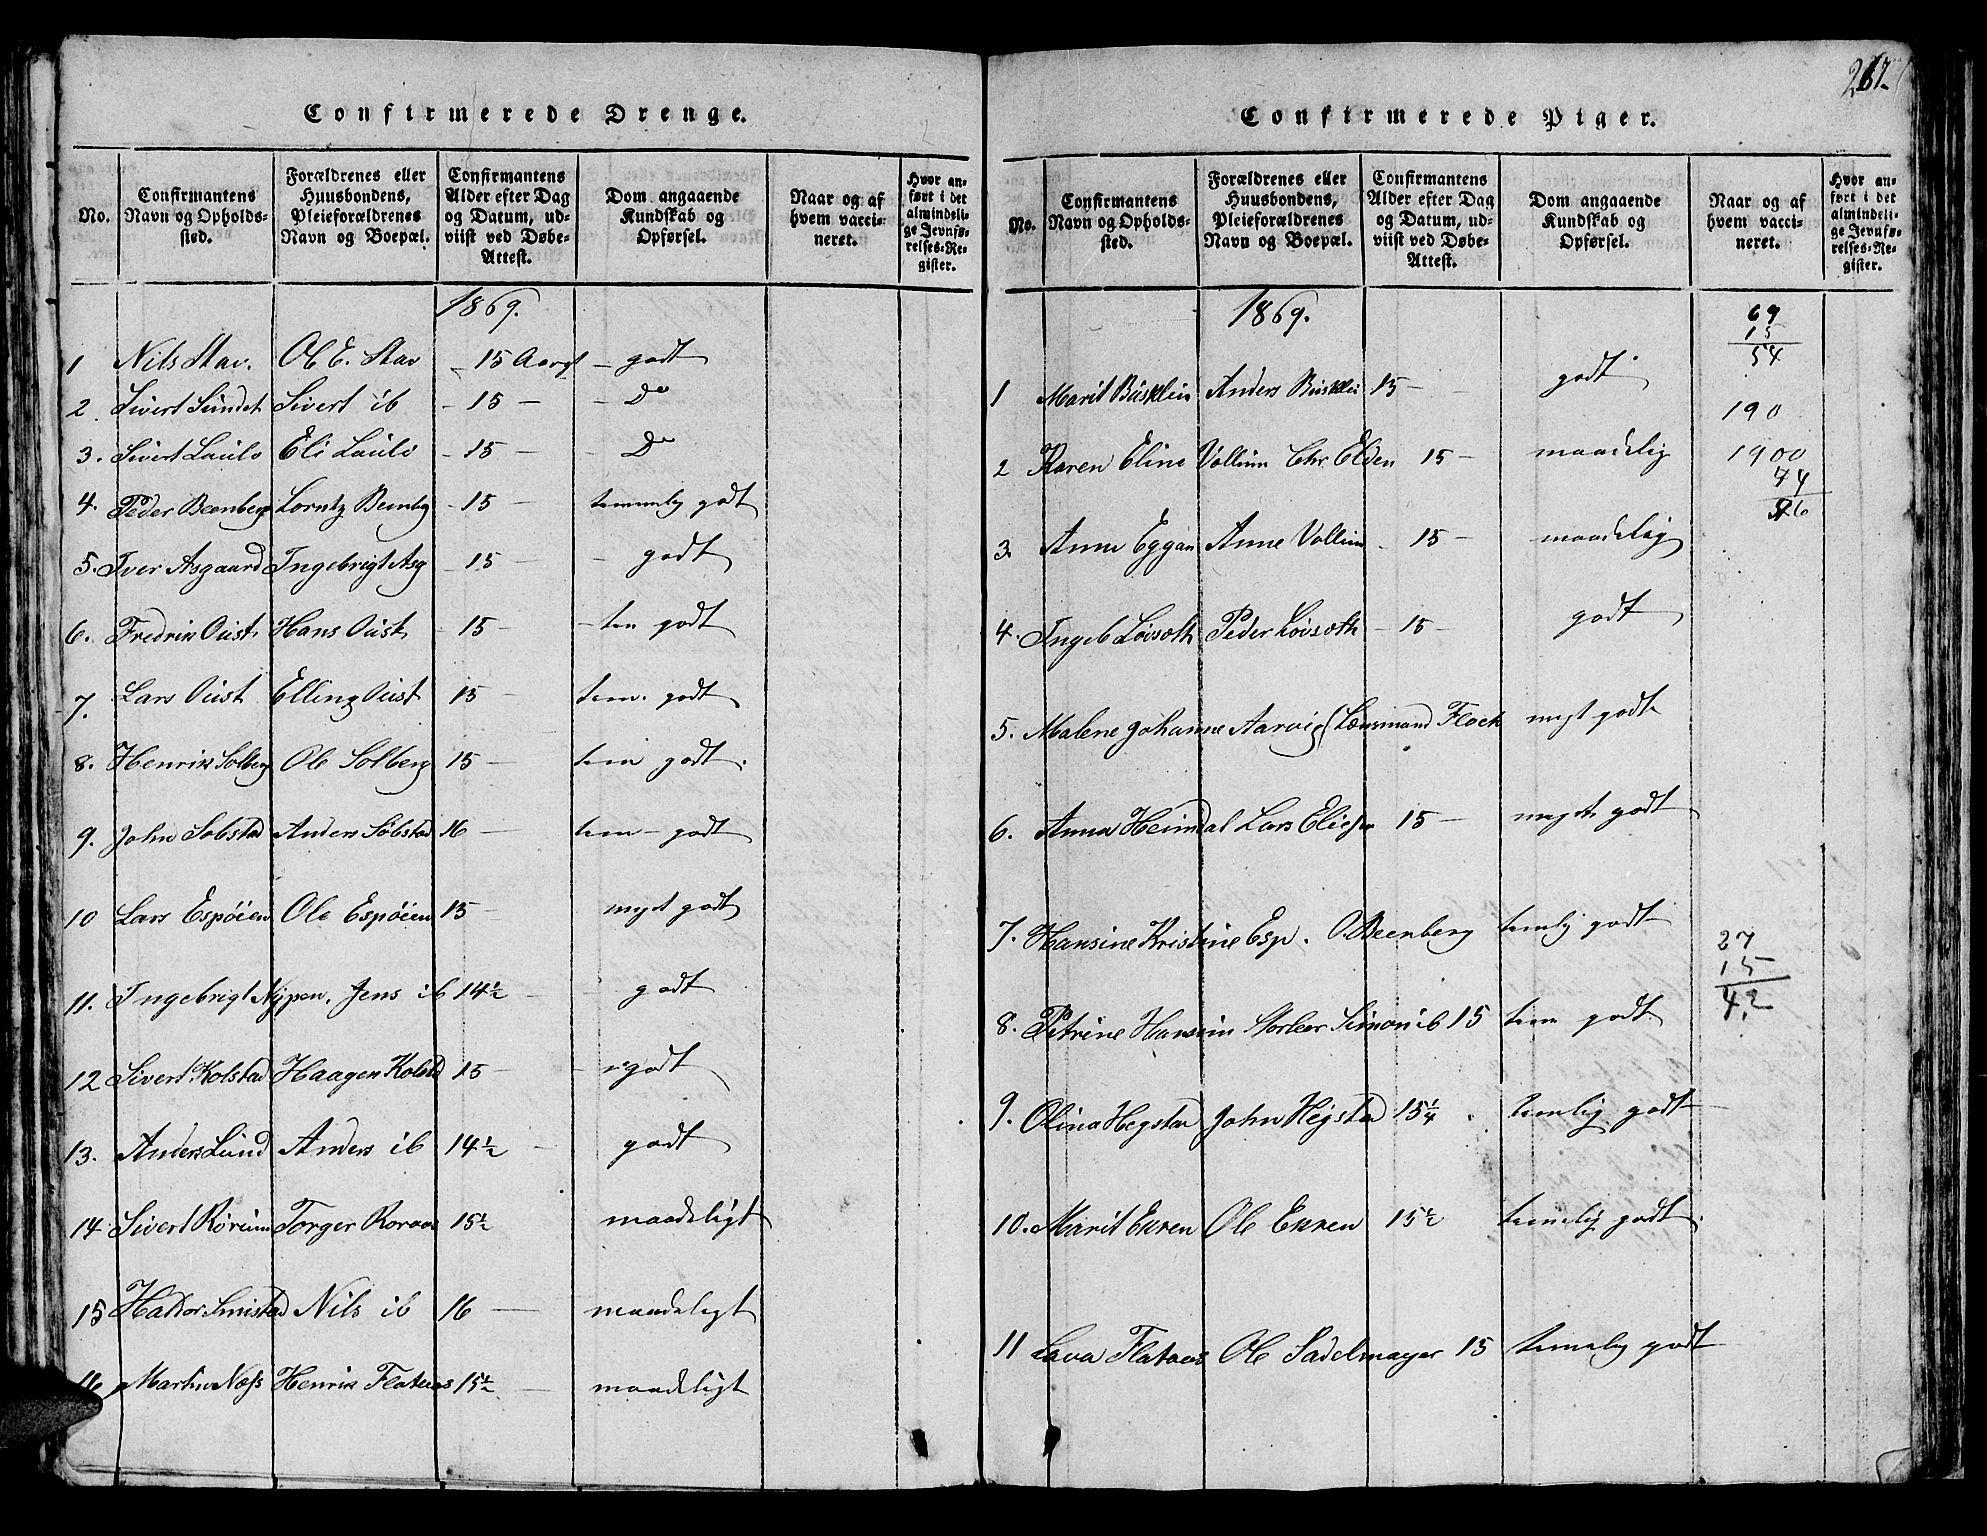 SAT, Ministerialprotokoller, klokkerbøker og fødselsregistre - Sør-Trøndelag, 613/L0393: Klokkerbok nr. 613C01, 1816-1886, s. 267